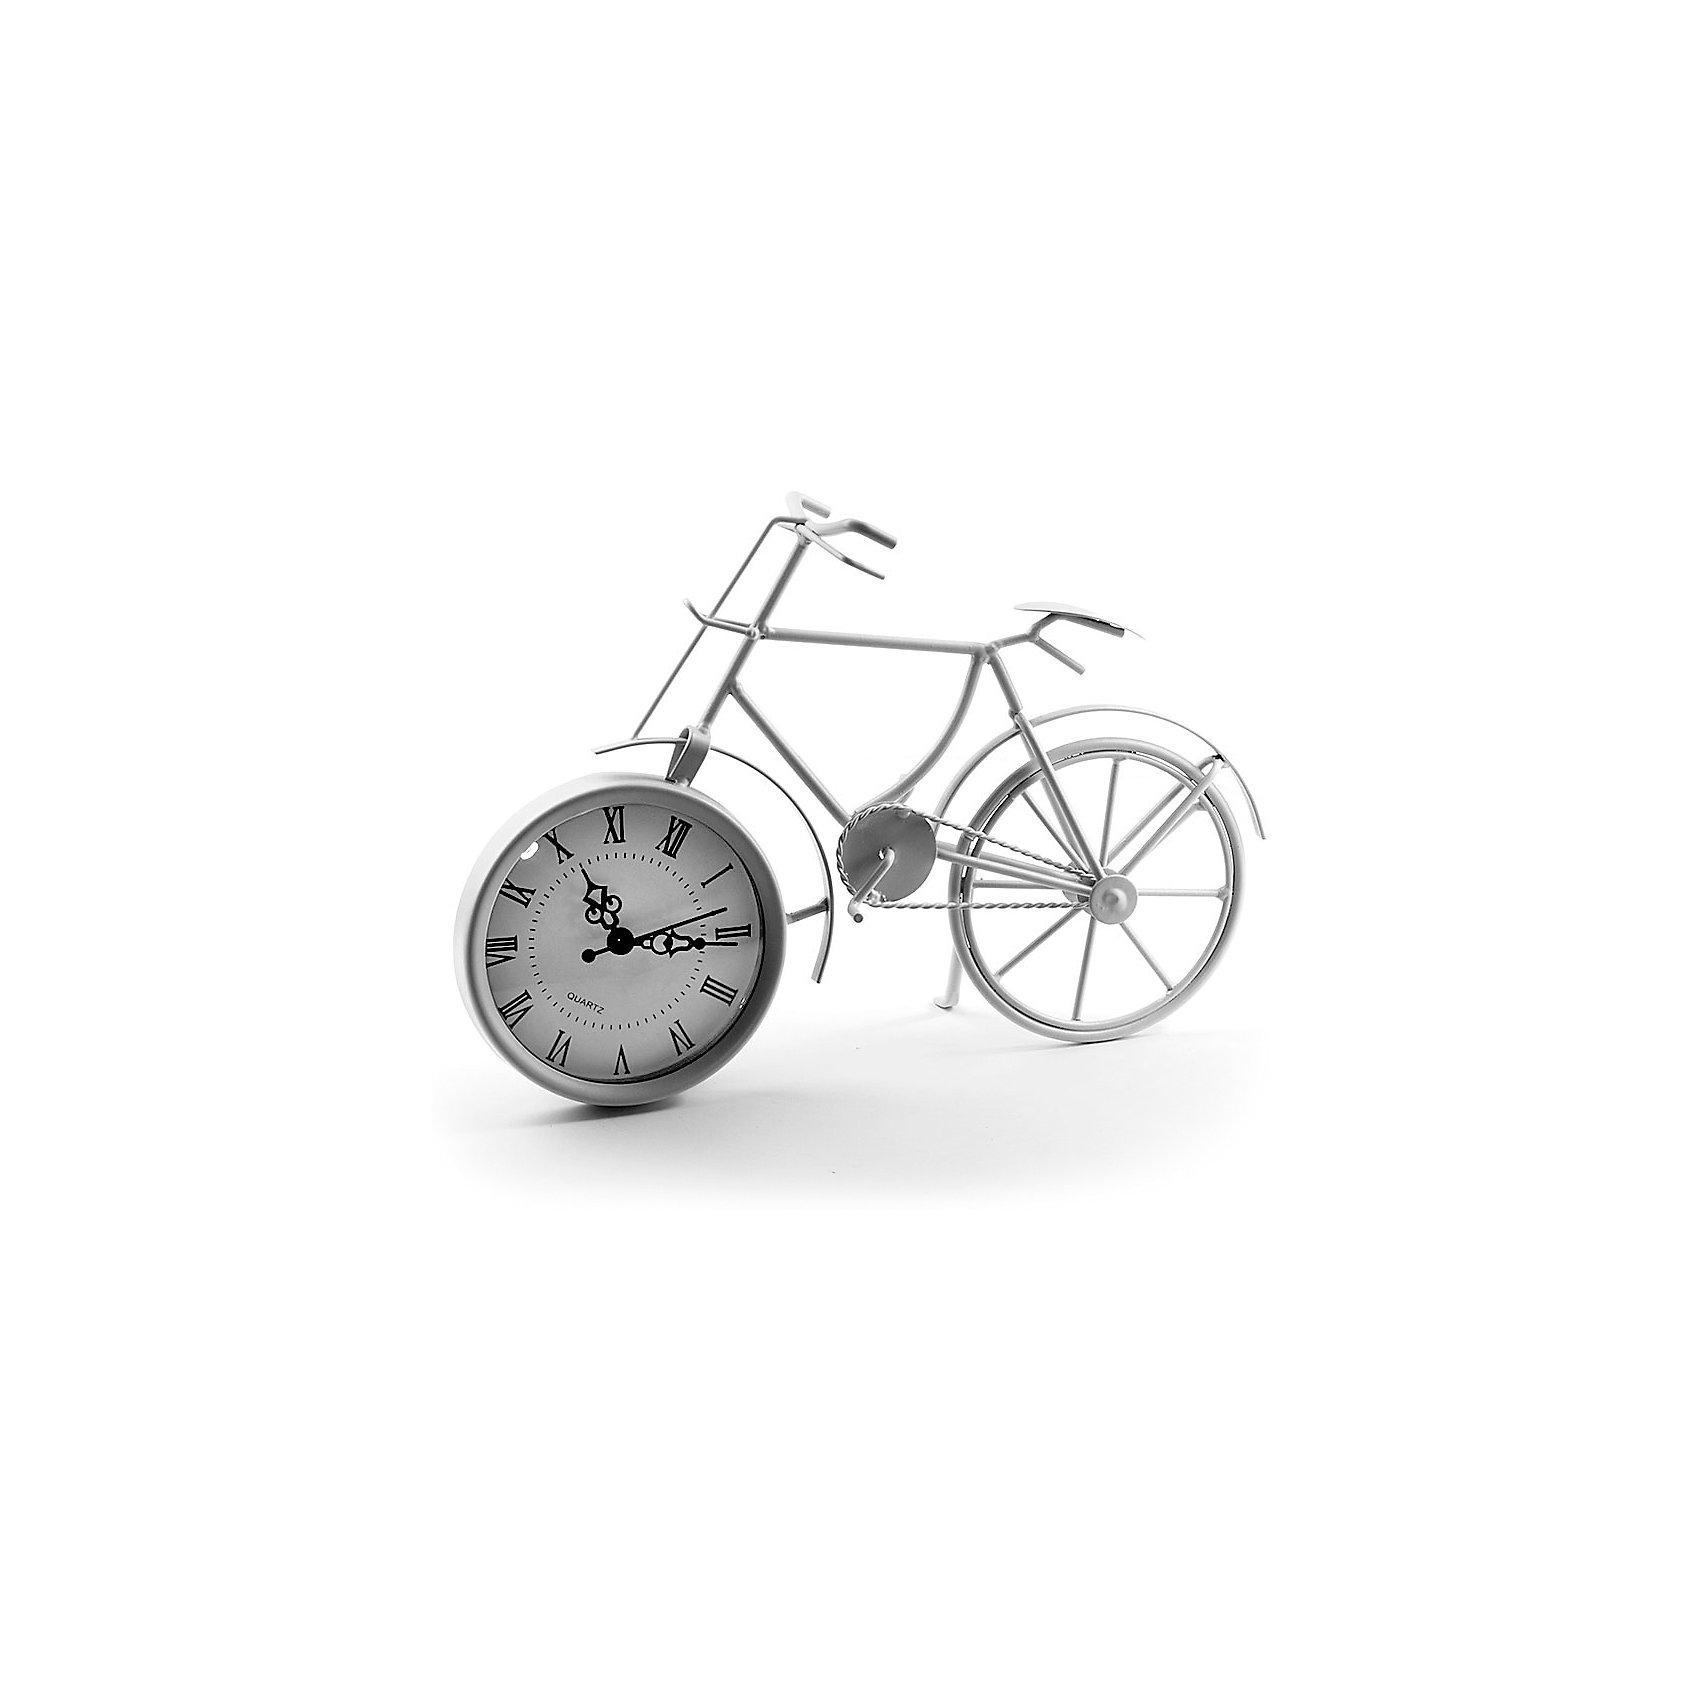 Часы Miralight настольные Велосипед белый, Яркий праздникЧасы Miralight настольные Велосипед белый, Яркий праздник<br><br>Характеристики:<br><br>• Состав: металл<br>• Размер: 29 * 8,5 * 20,5 см.<br>• Элементы питания: батарейки<br>• Страна производитель: Китай<br><br>Изящные часы от компании Miralight (Миралайт), которая специализируется на продукции для интерьеров привнесут уют в ваш дом. Настольные часы станут стильным украшением комнаты и помогут всегда быть вовремя. Лаконичный белый цвет отлично подойдет как для спальни, так и для кухни или гостиной. <br><br>Элегантные римские цифры и три ажурные стрелочки отлично подходят этим часам. Небольшие металлические части велосипеда соединяются между собой и надежно фиксируют циферблат, представляющий собой ведущее колесо, сам велосипед стоит на подножке, как у настоящего велосипеда. Привнесите в свой дом атмосферу комфорта и яркого праздника вместе с новыми часами!<br><br>Часы Miralight настольные Велосипед белый, Яркий праздник можно купить в нашем интернет-магазине.<br><br>Ширина мм: 290<br>Глубина мм: 85<br>Высота мм: 205<br>Вес г: 306<br>Возраст от месяцев: 36<br>Возраст до месяцев: 2147483647<br>Пол: Унисекс<br>Возраст: Детский<br>SKU: 5453958